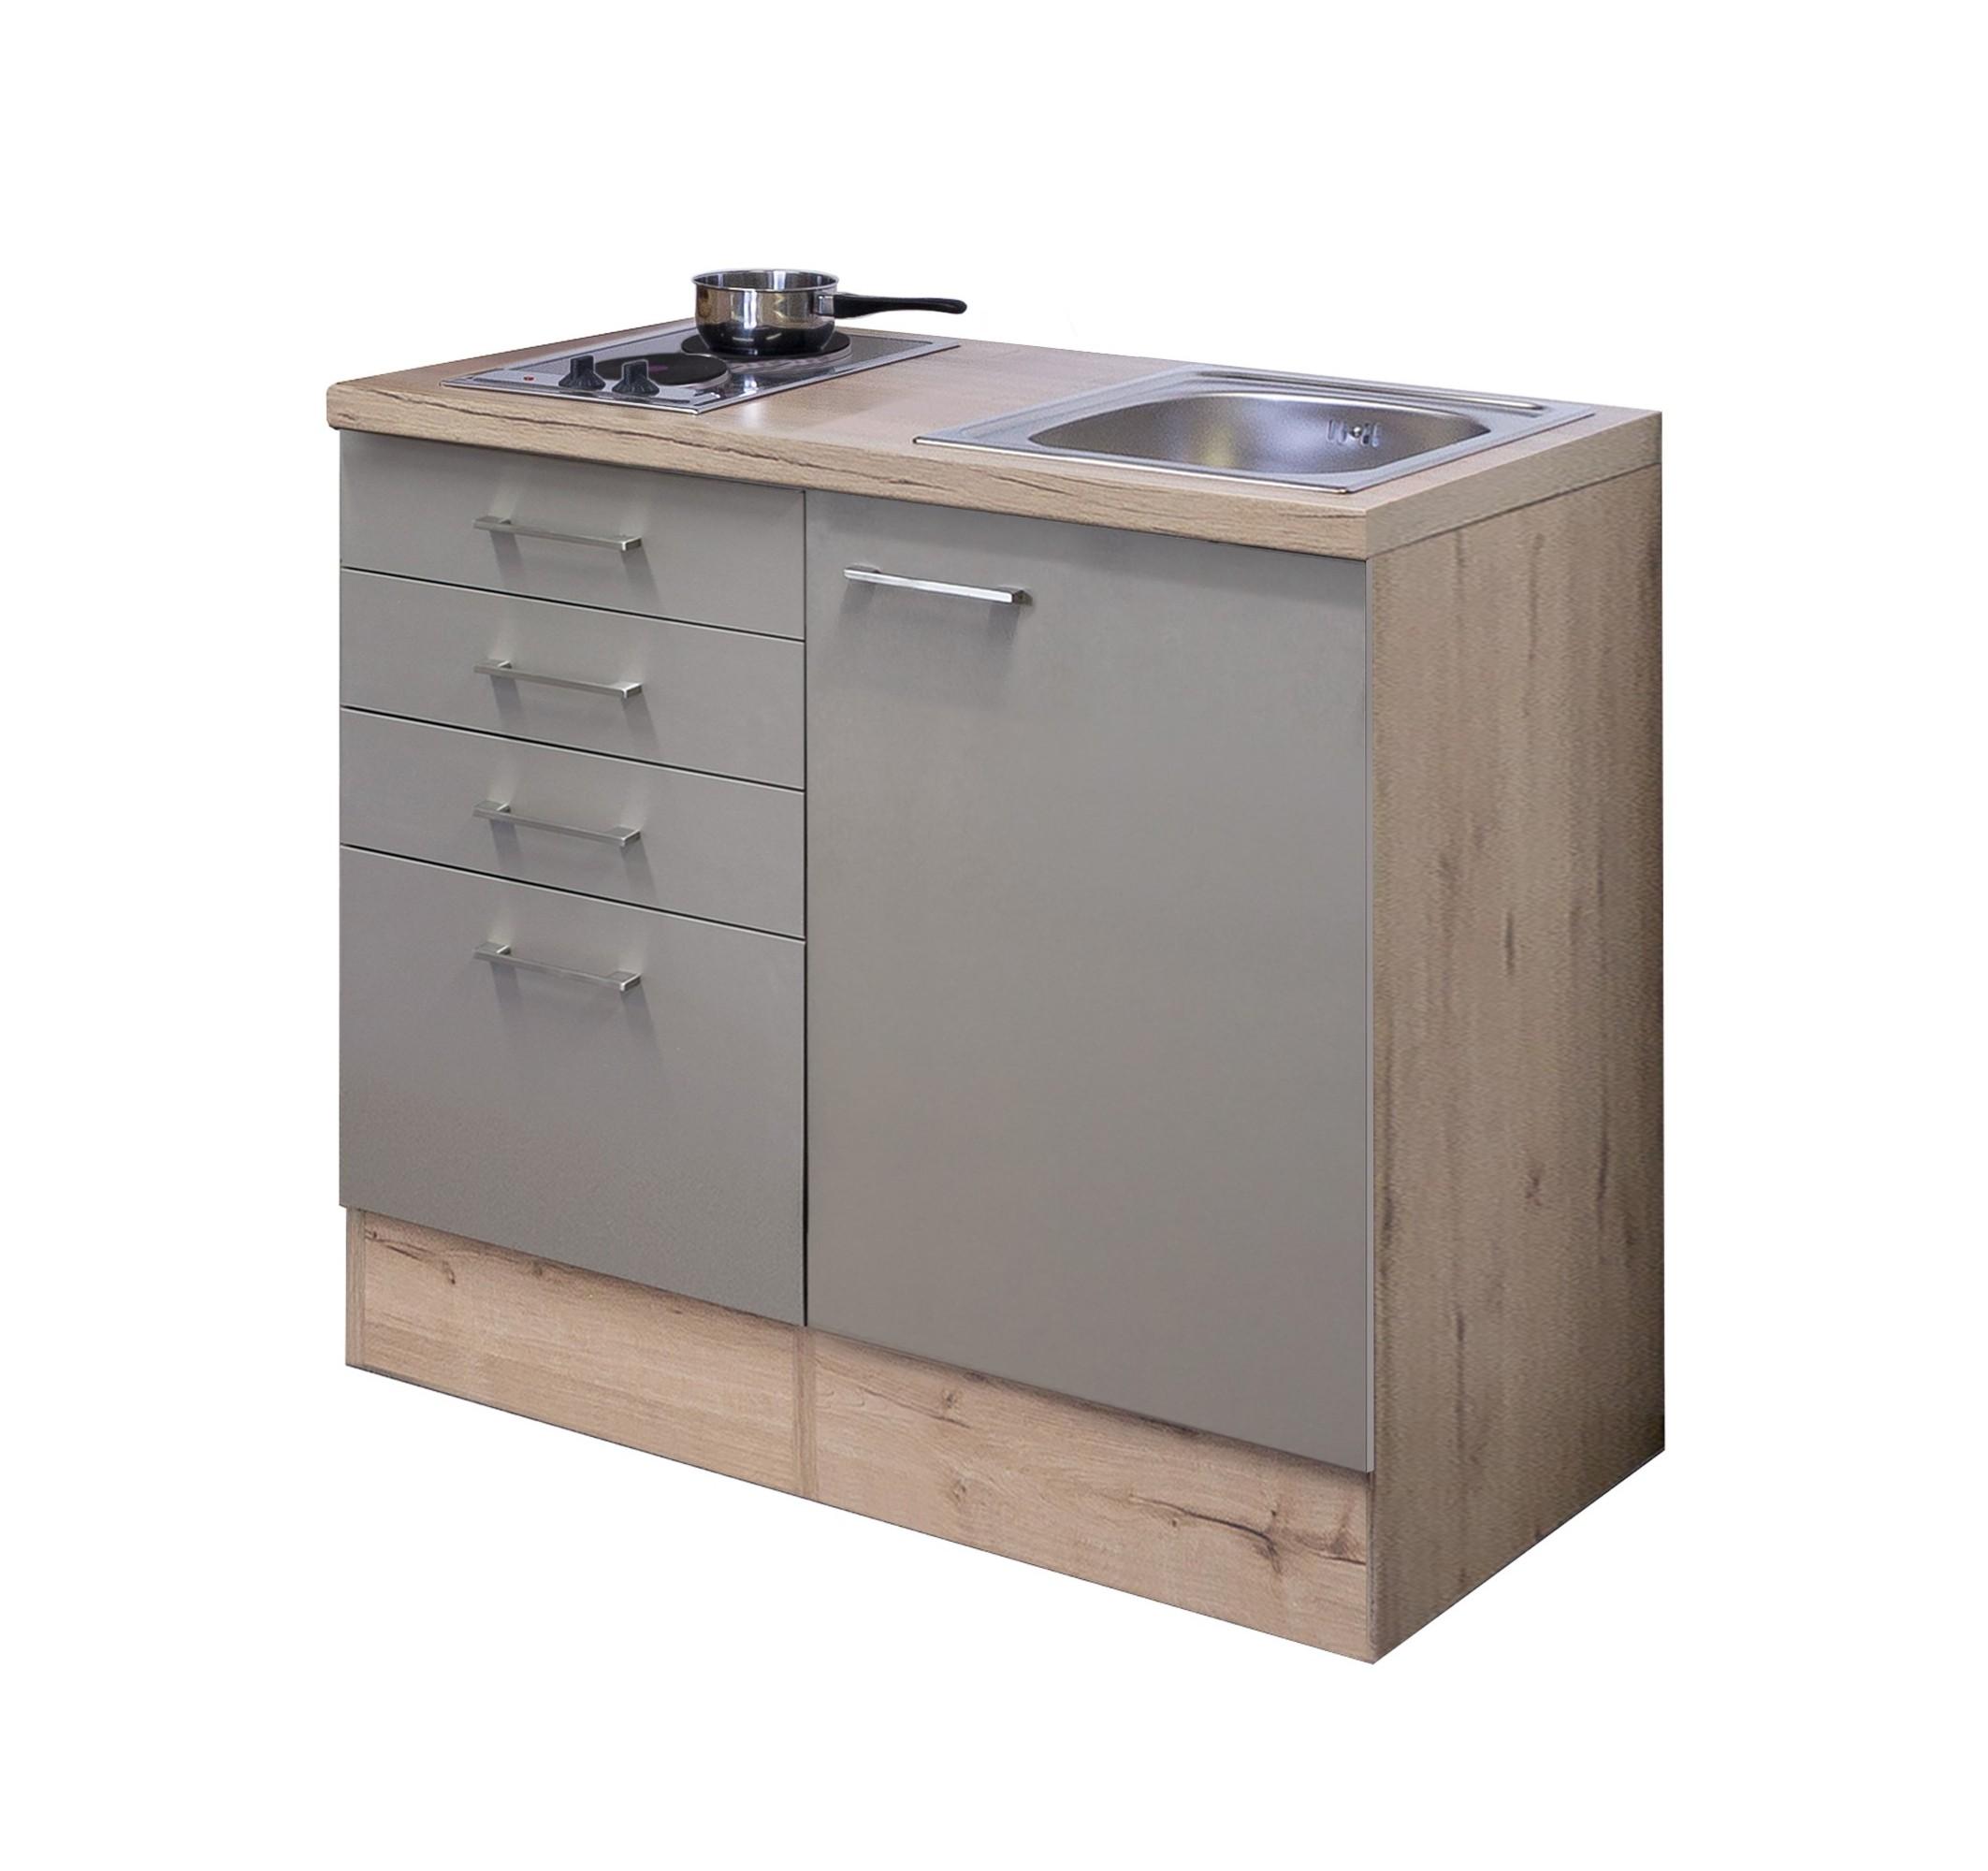 Erstaunlich Singleküche RIVA - Breite 100 cm - Bronze Metallic Küche Singleküchen XY78